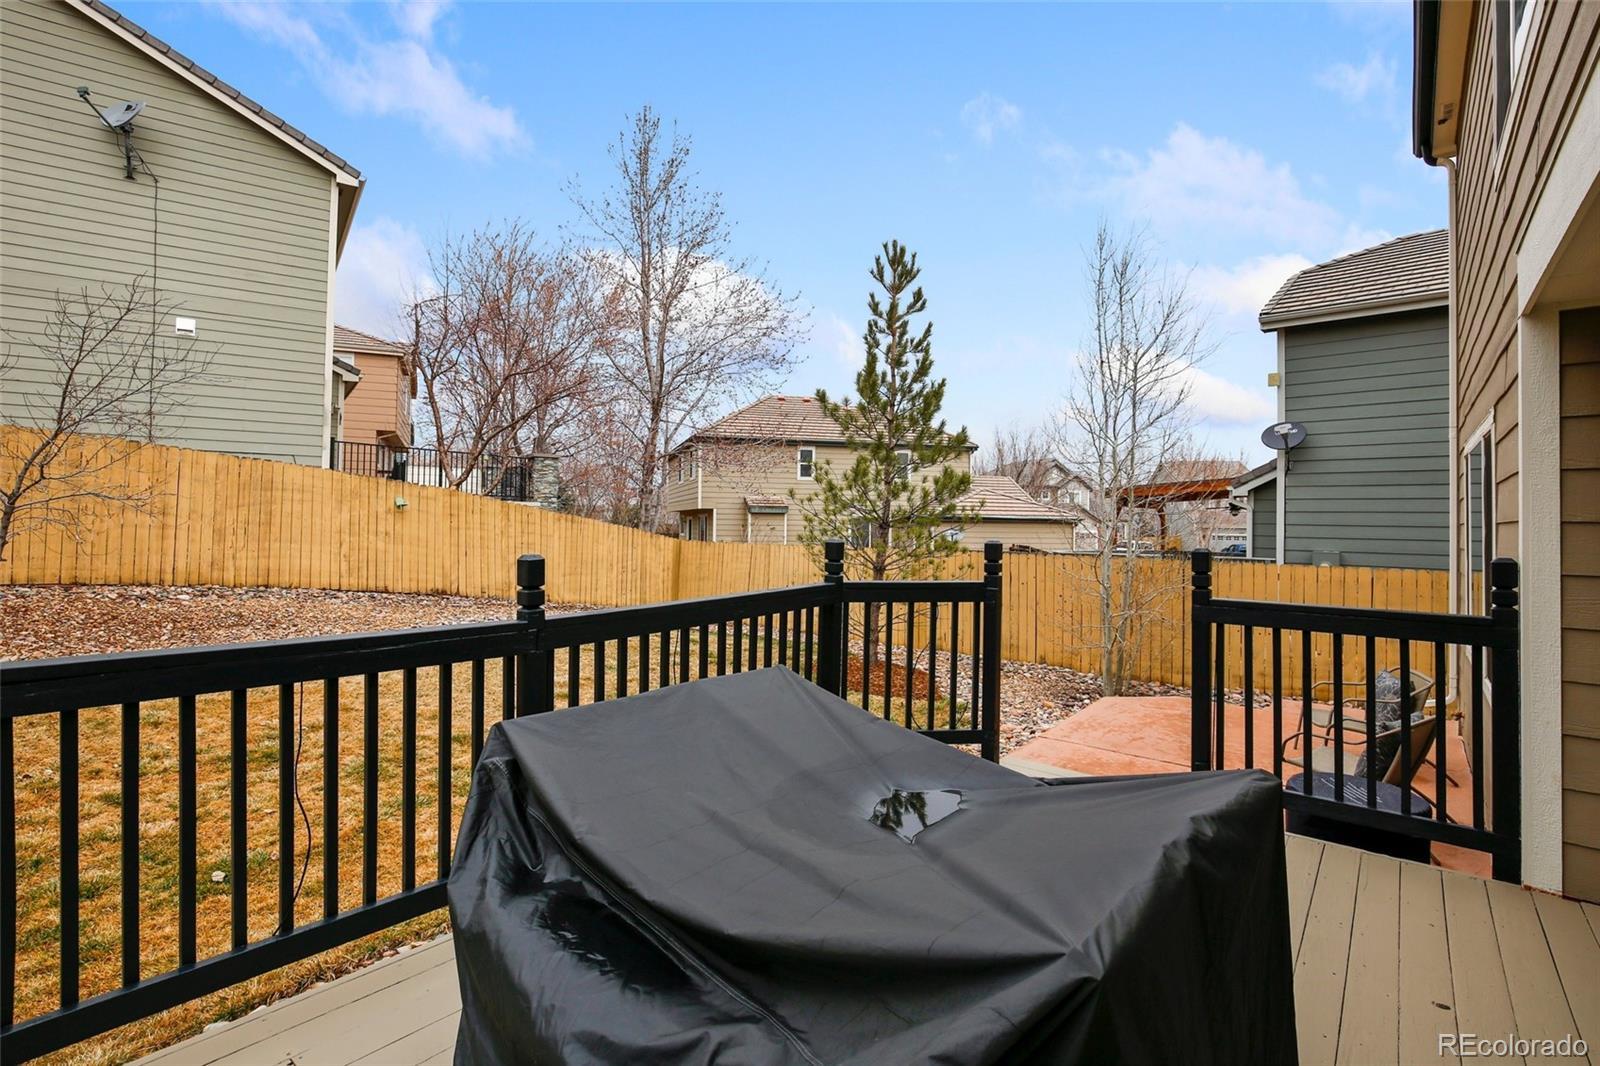 MLS# 7235158 - 34 - 3151 Huron Peak Avenue, Superior, CO 80027